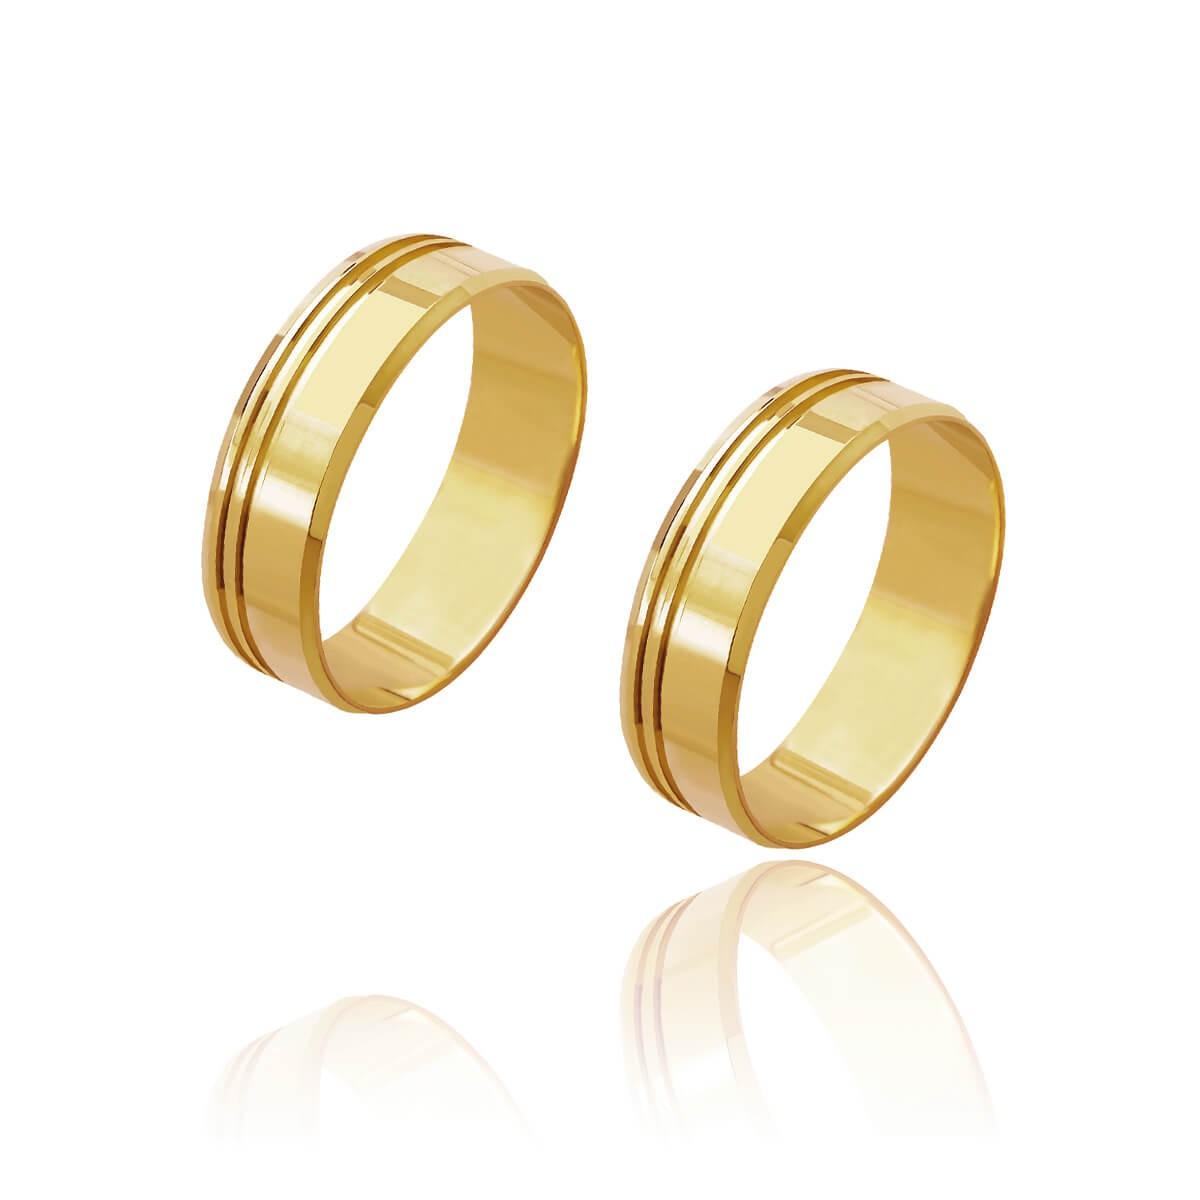 Par de Alianças de Casamento Cronos Ouro 18k Reta 2 Frisos Laterais 5mm 6g